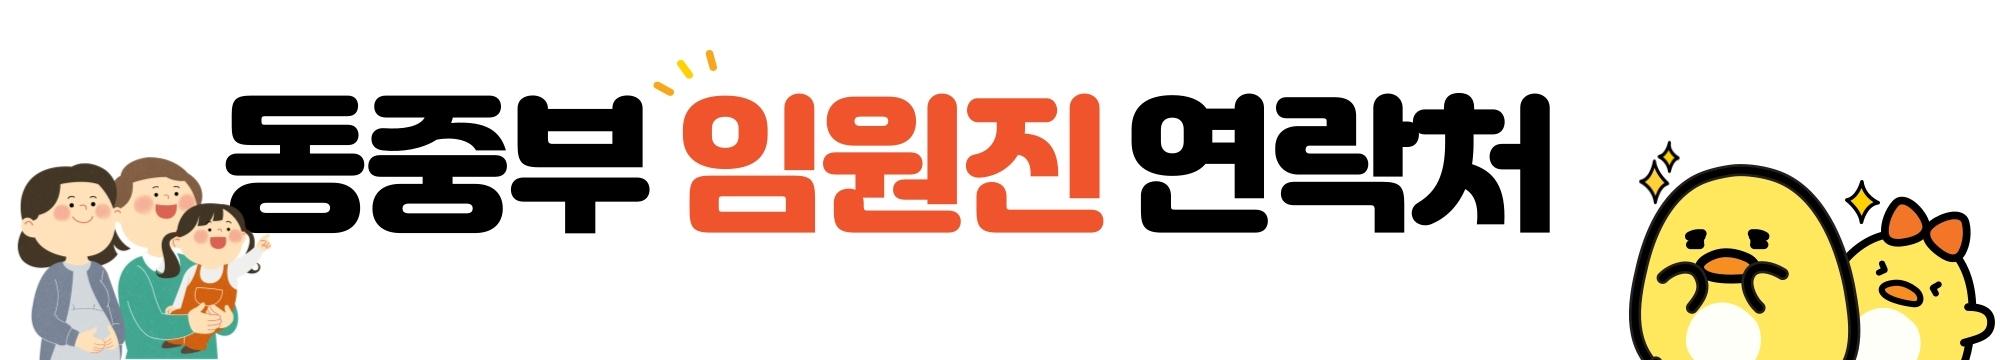 동중부-임원진-연락처-1.jpg